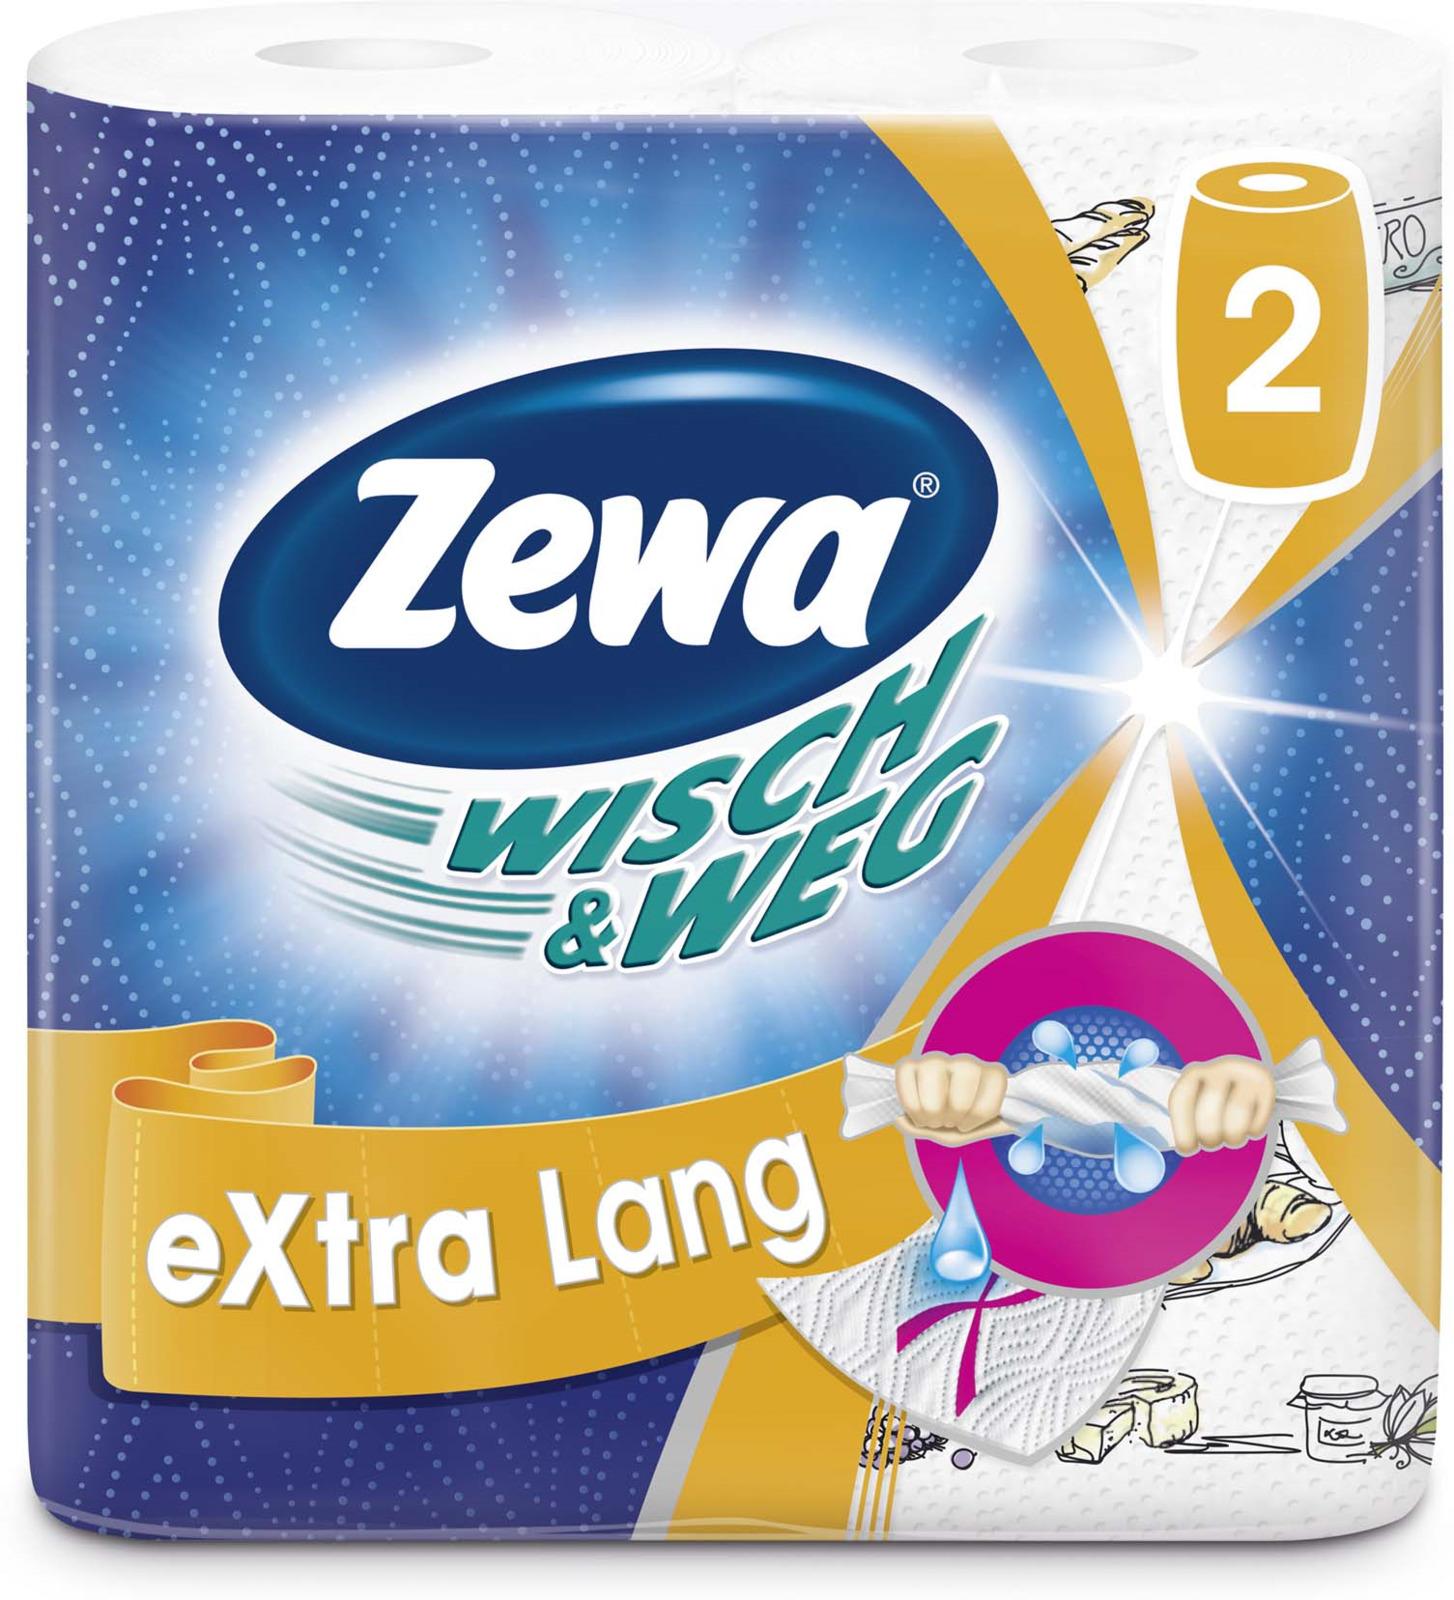 Бумажные полотенца Zewa Wish & Weg, двухслойные, 2 рулона полотенца бумажные мягкий знак двухслойные цвет белый 4 рулона